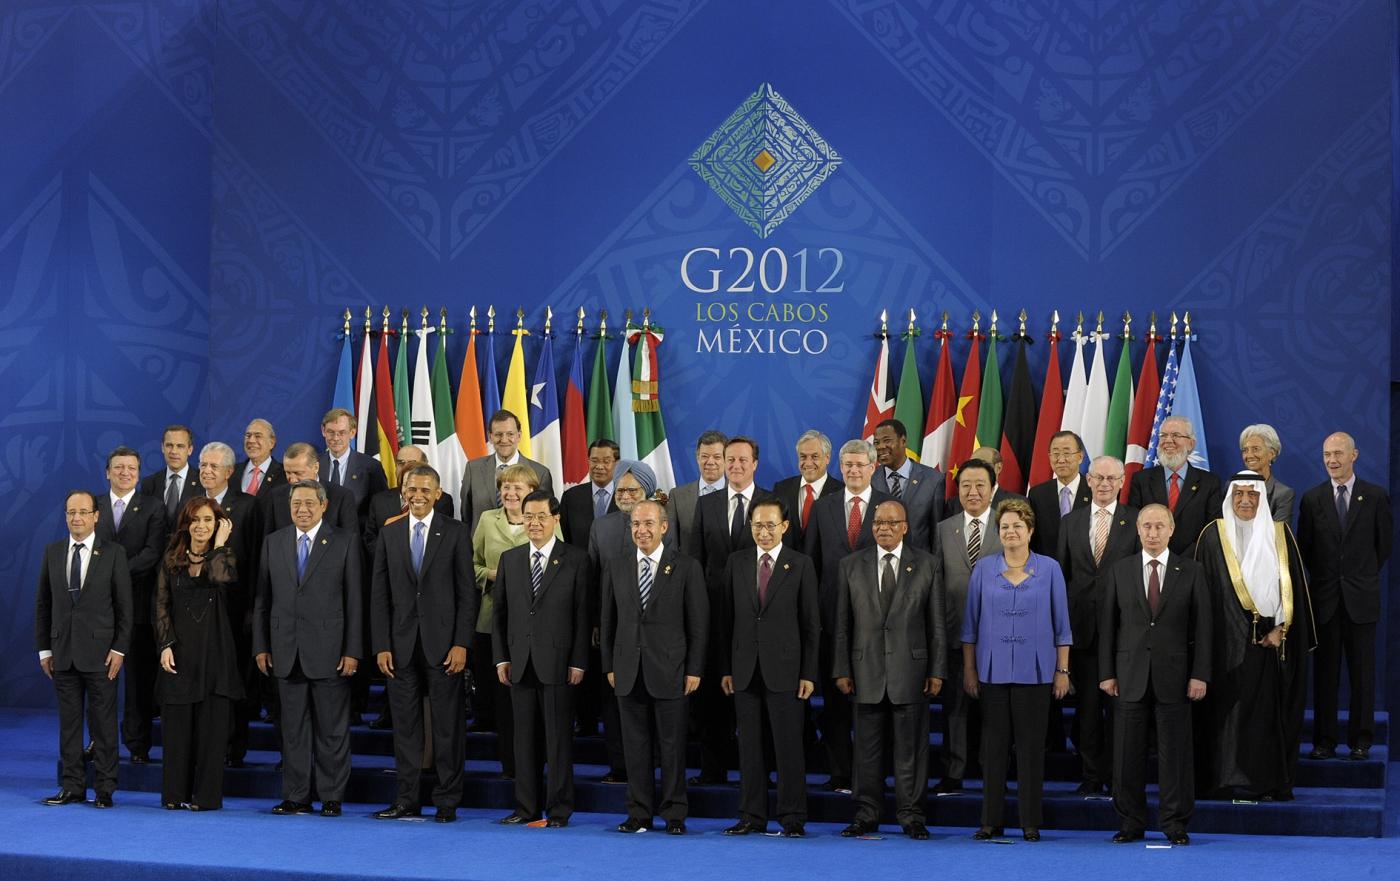 从G20峰会看中、美两国的国际地位_图1-5